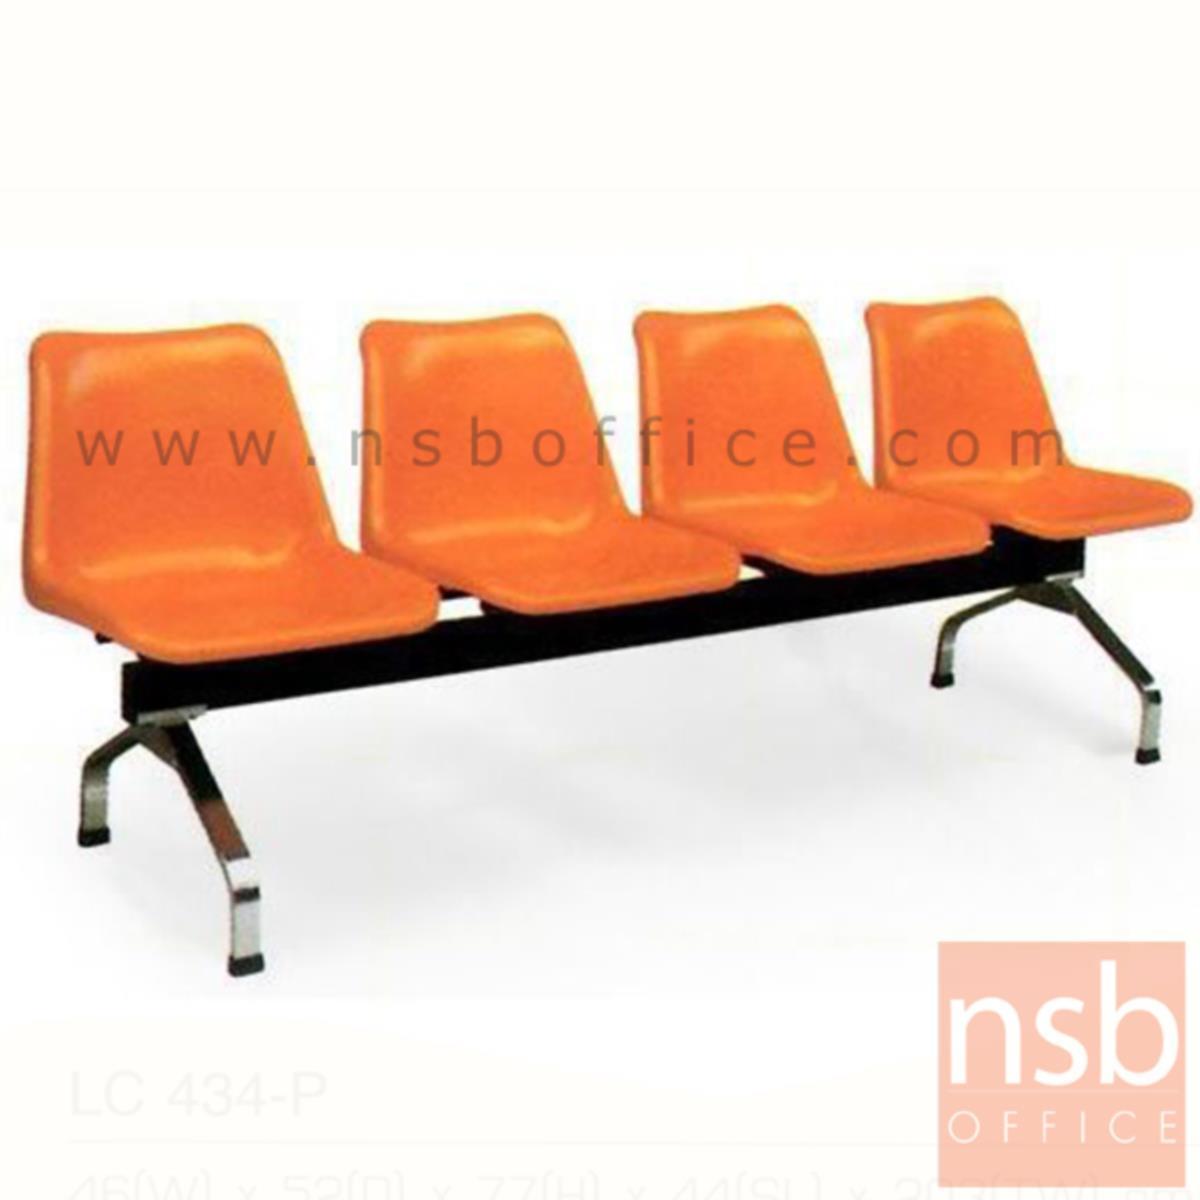 เก้าอี้นั่งคอยเฟรมโพลี่ รุ่น Daihatsu (ไดฮัทสุ) 2 ,3 ,4 ที่นั่ง ขนาด 105W ,151W ,203W cm. ขาเหล็ก